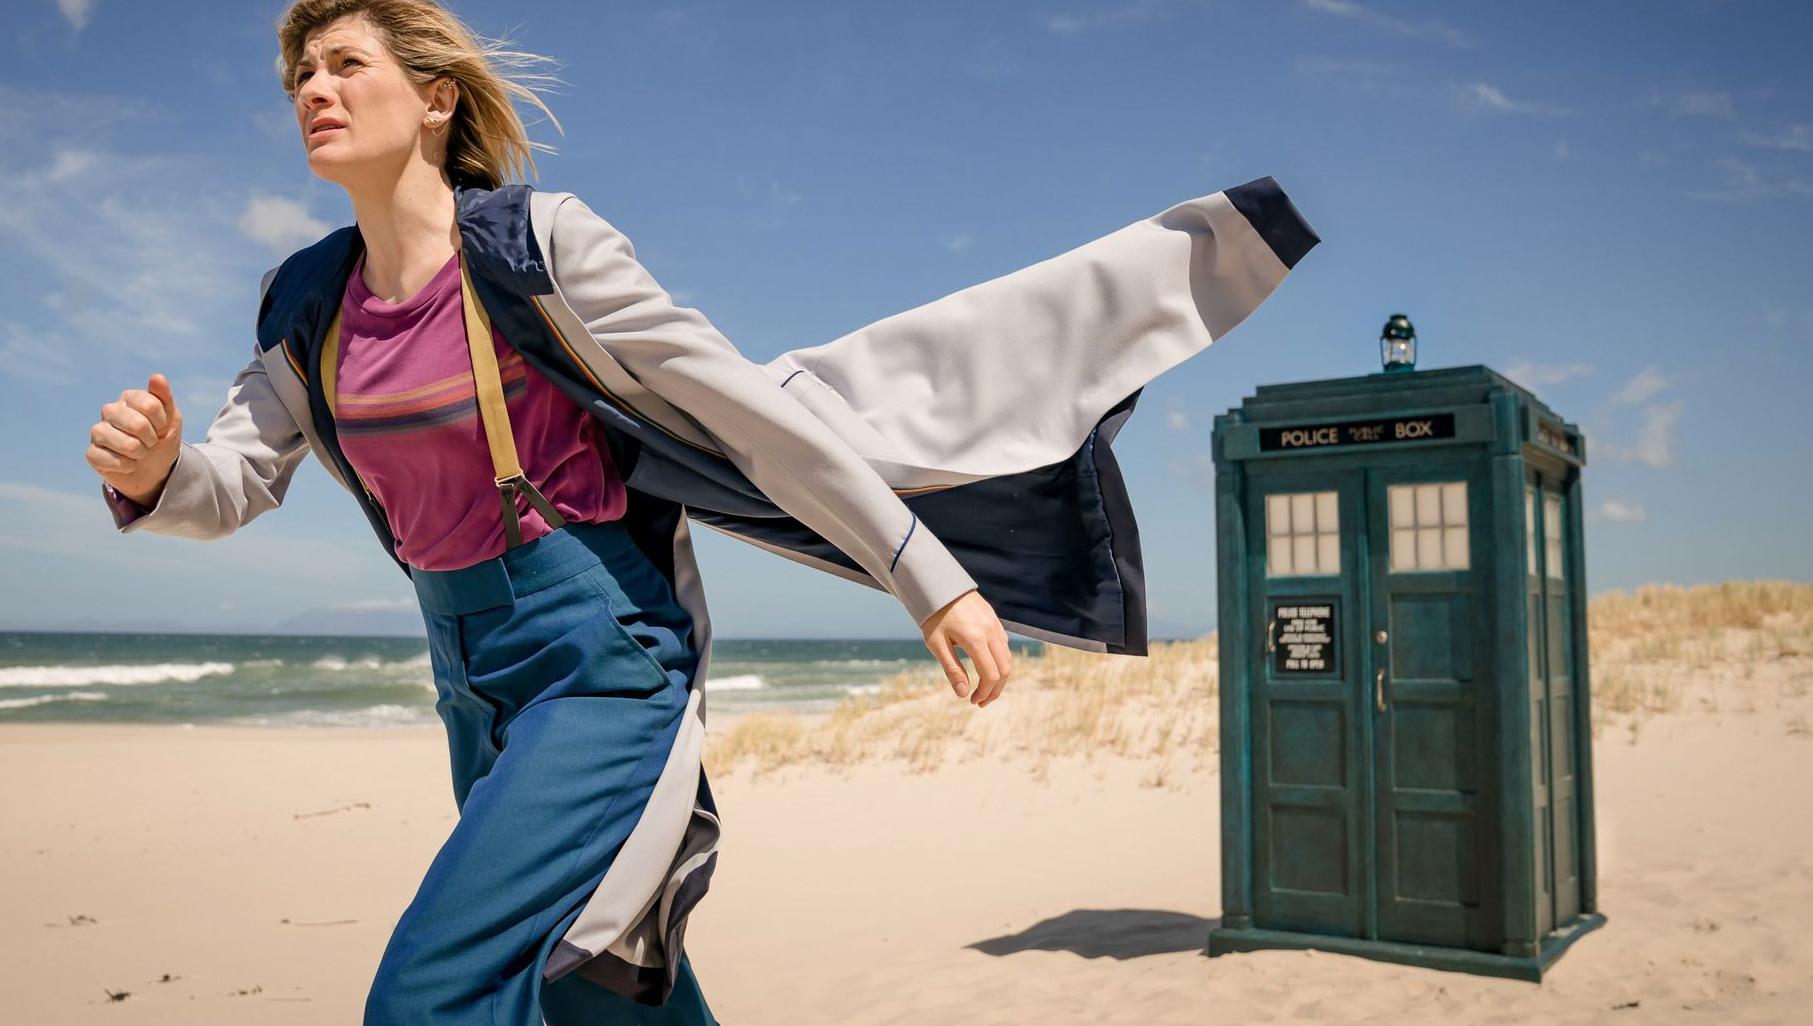 Doctor Who Season 13 Delayed Until 2022